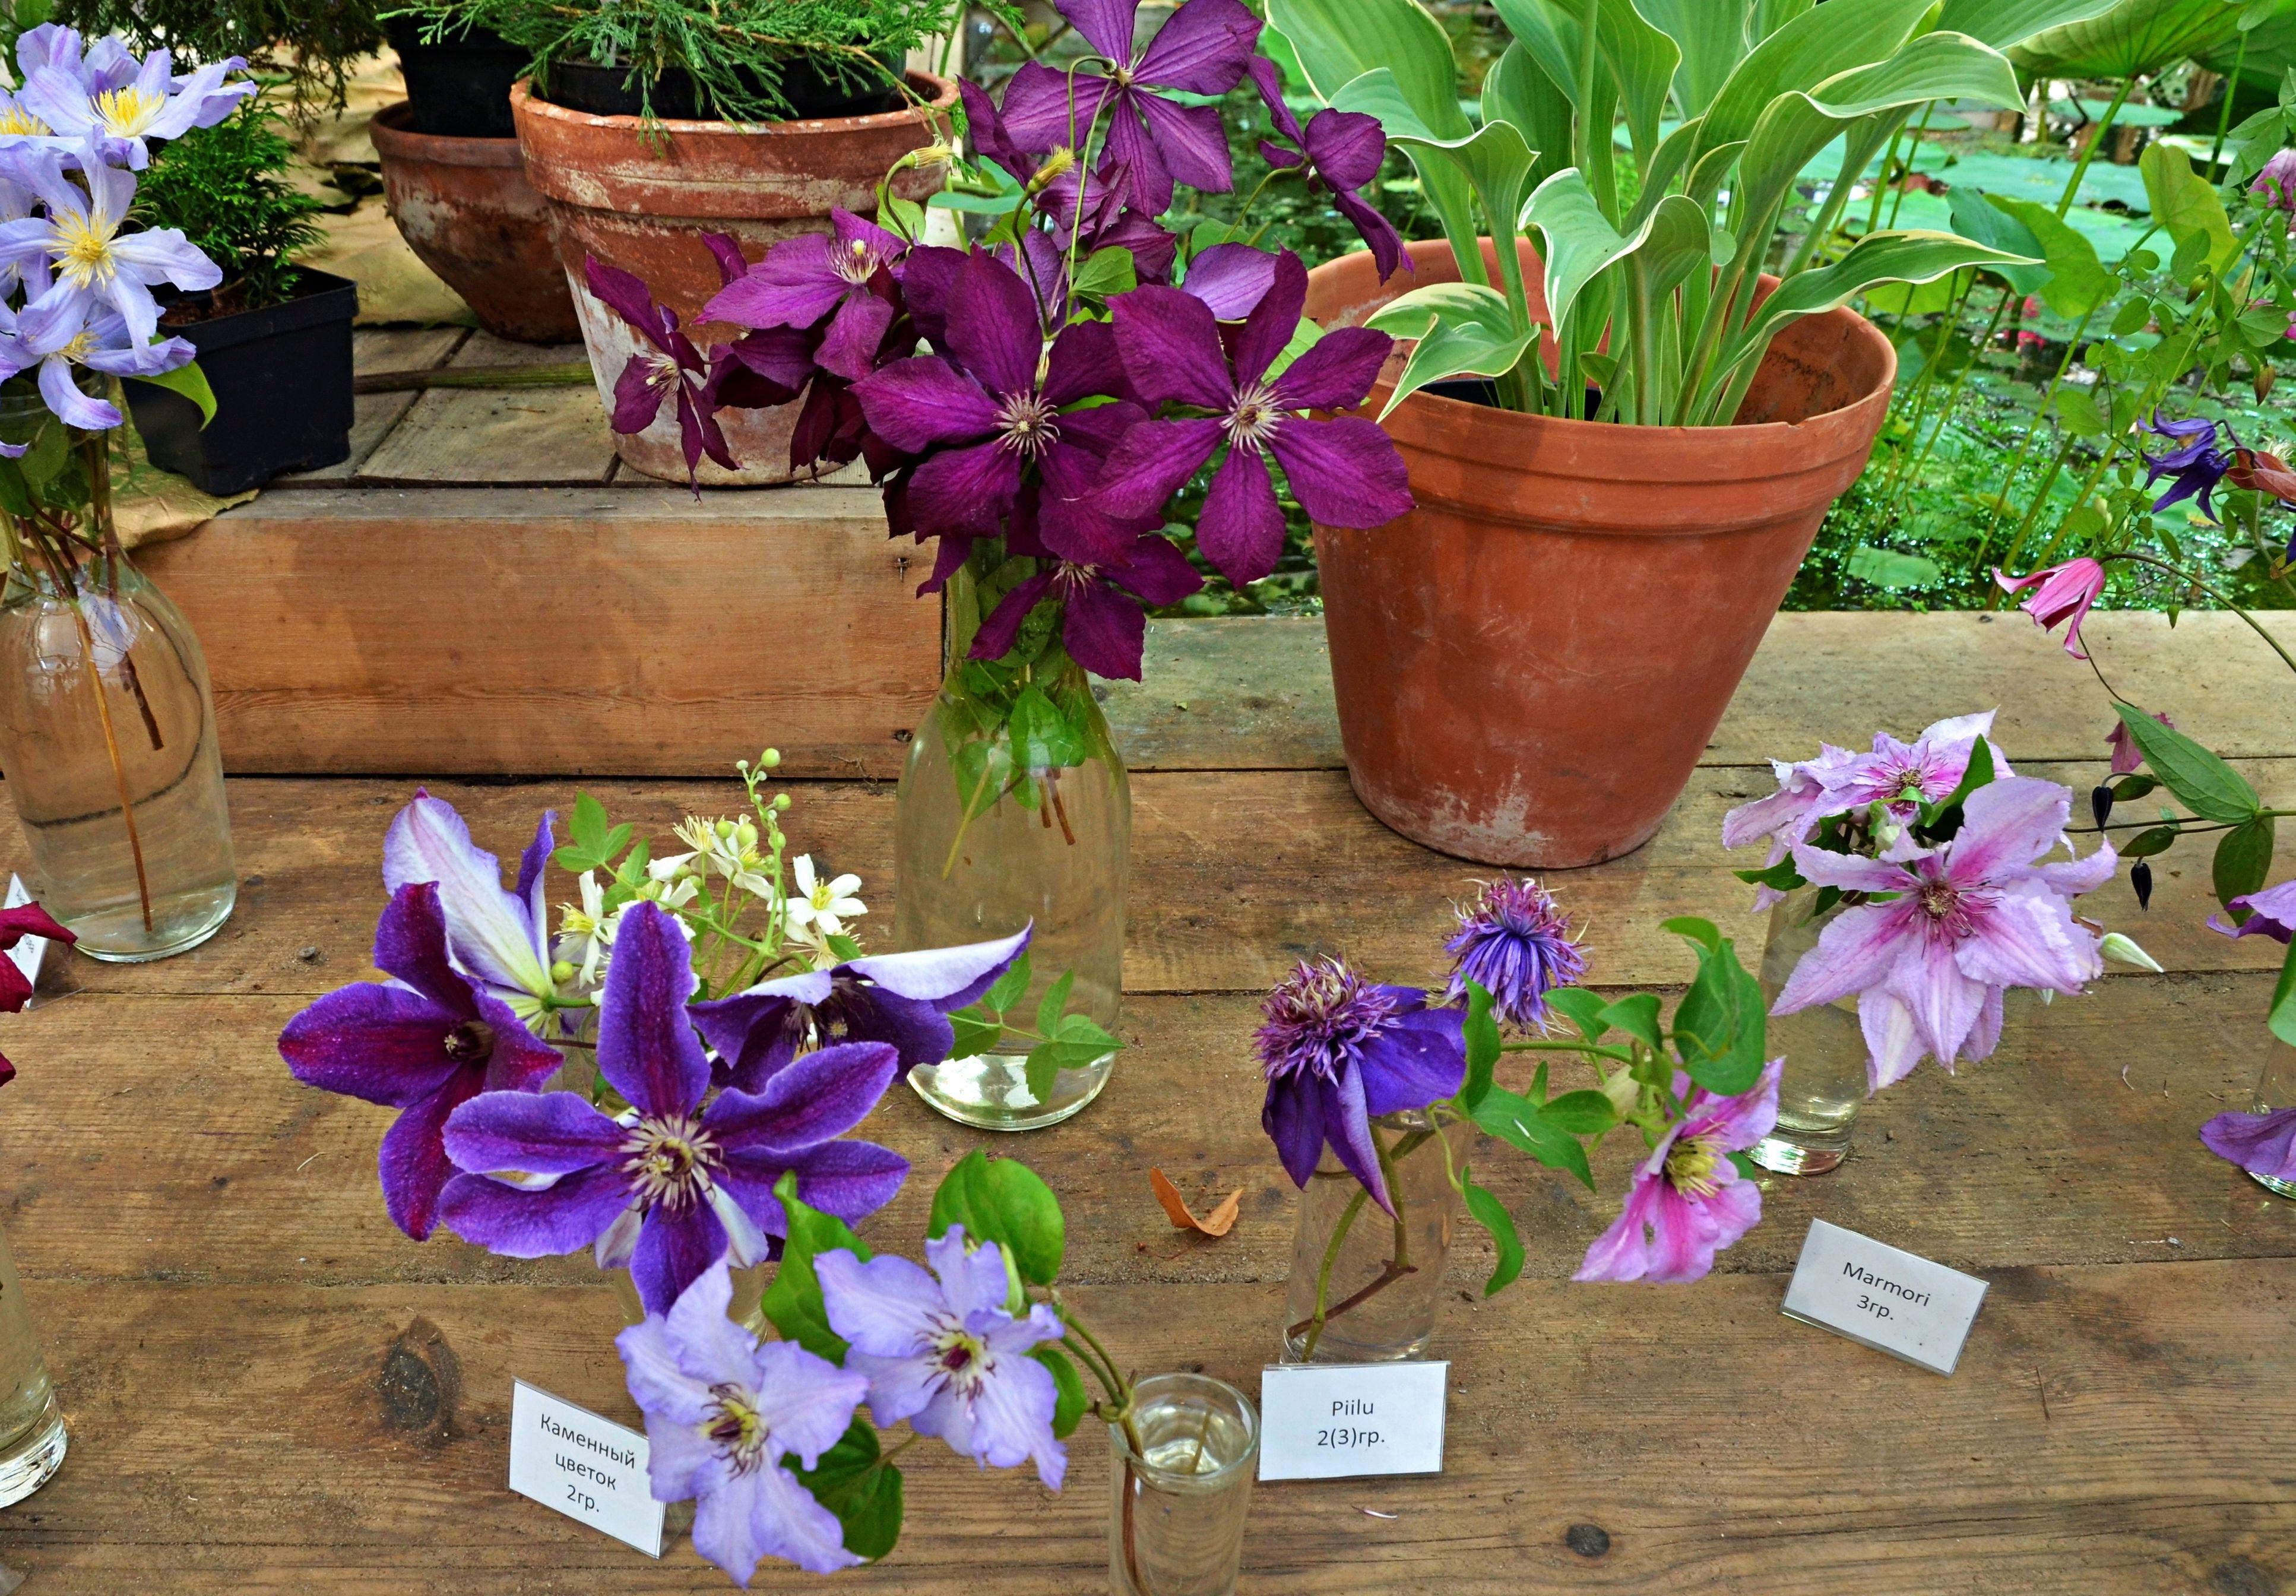 Правильно ухаживать за комнатными растениями научат в Даниловском районе